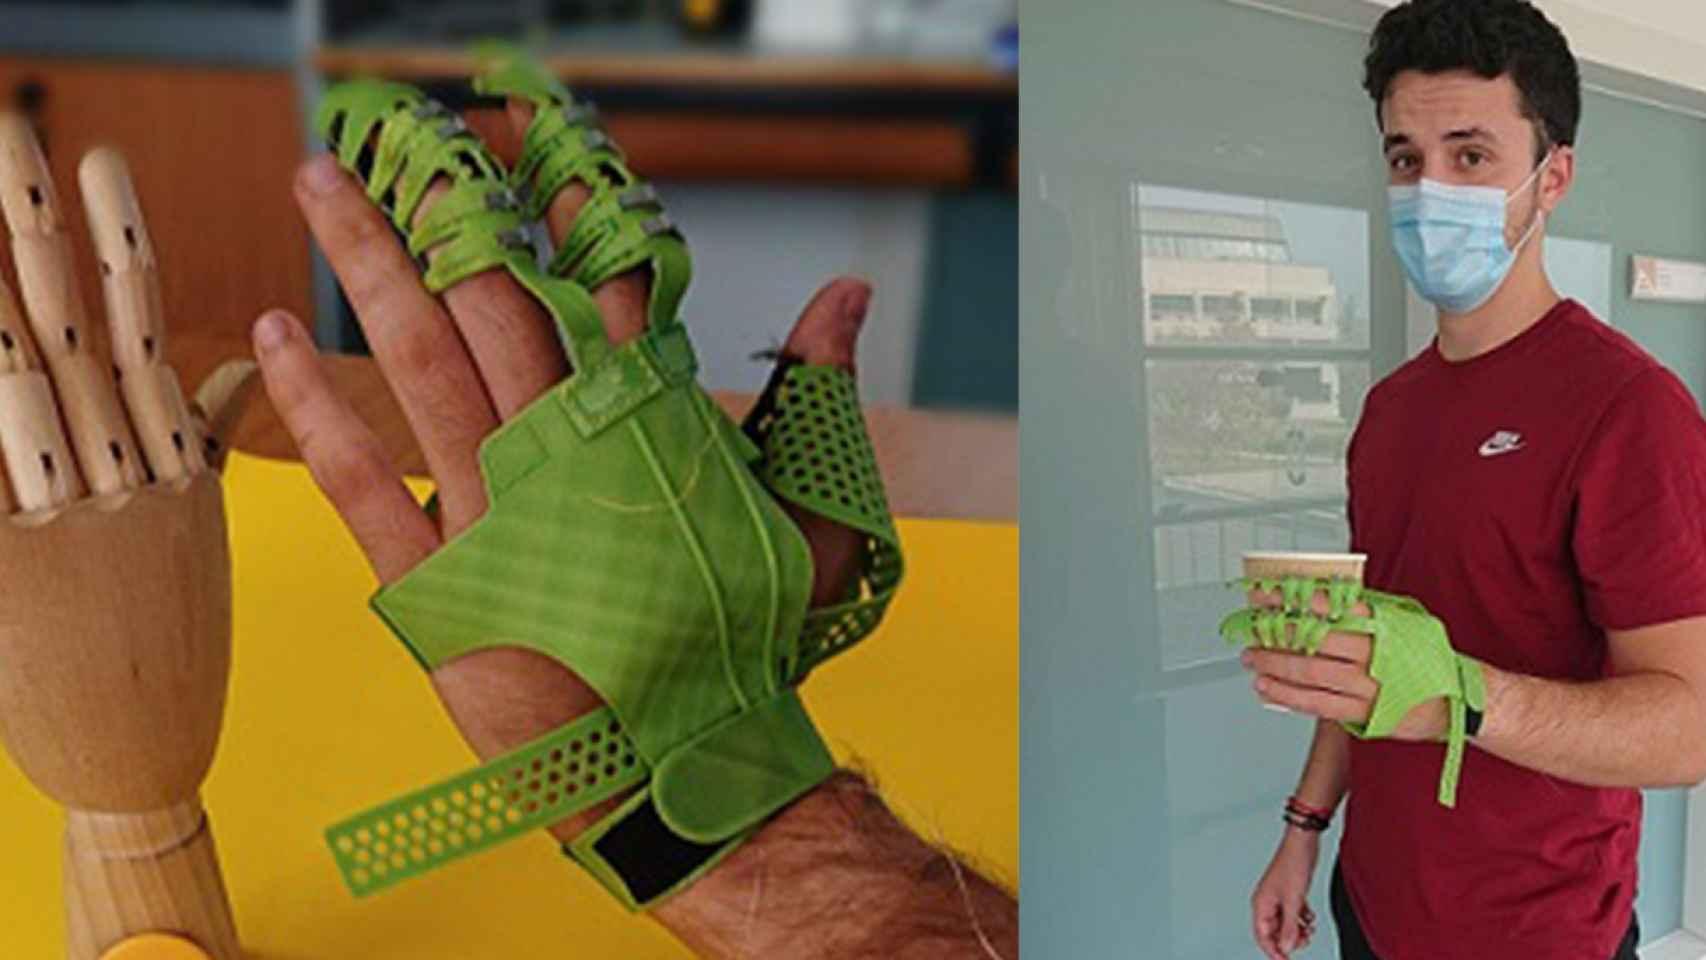 Así es flick, el nuevo 'exoguante' desarrollado en la Universidad de Alicante